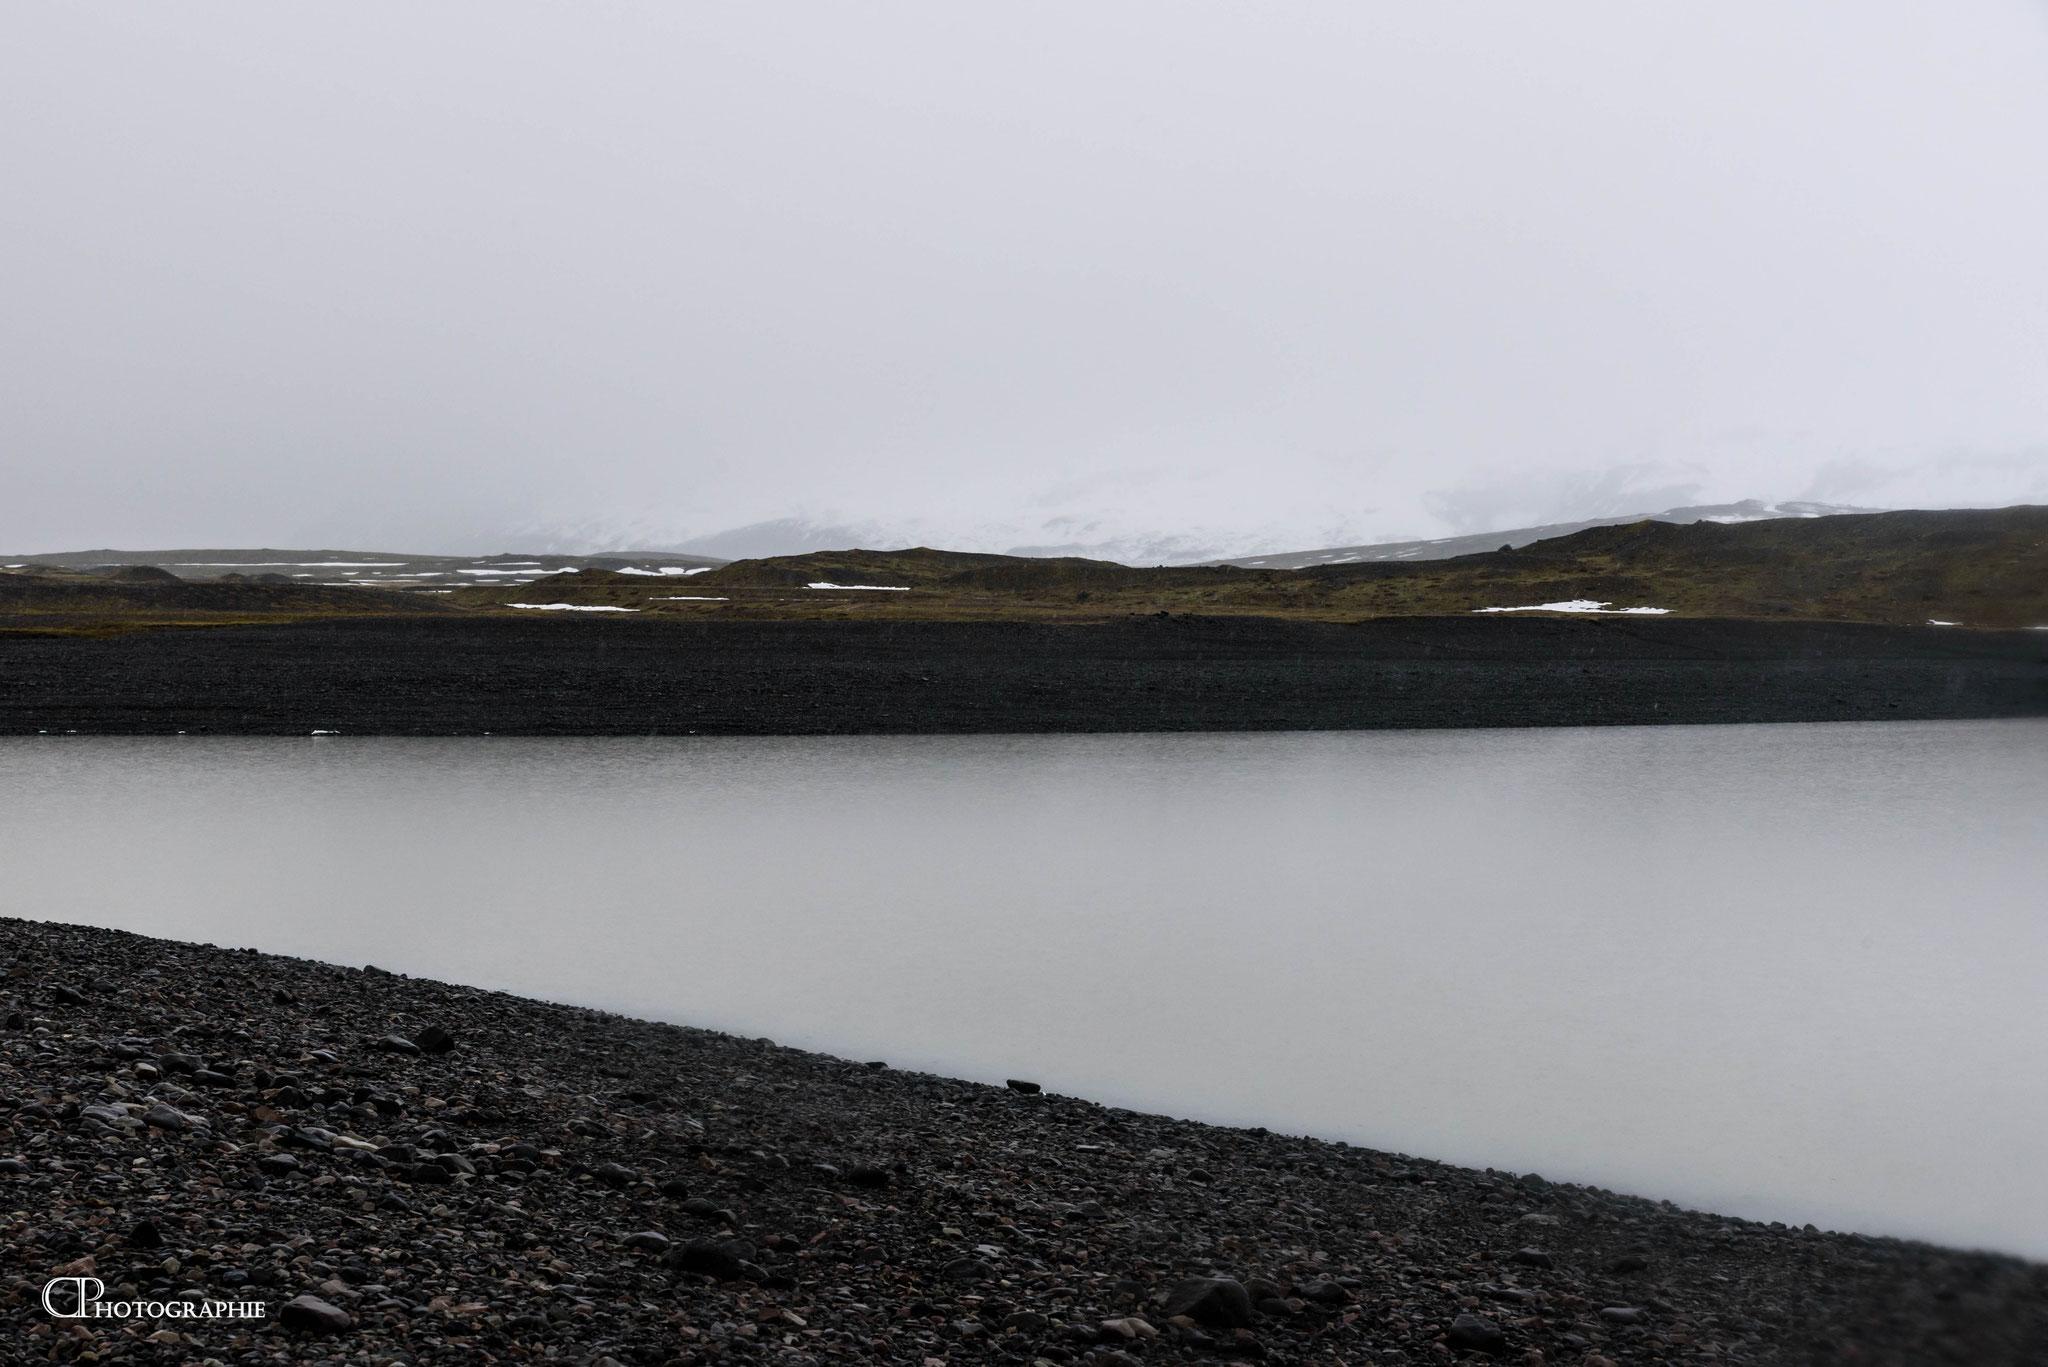 Photo 15 - L'Islande austère